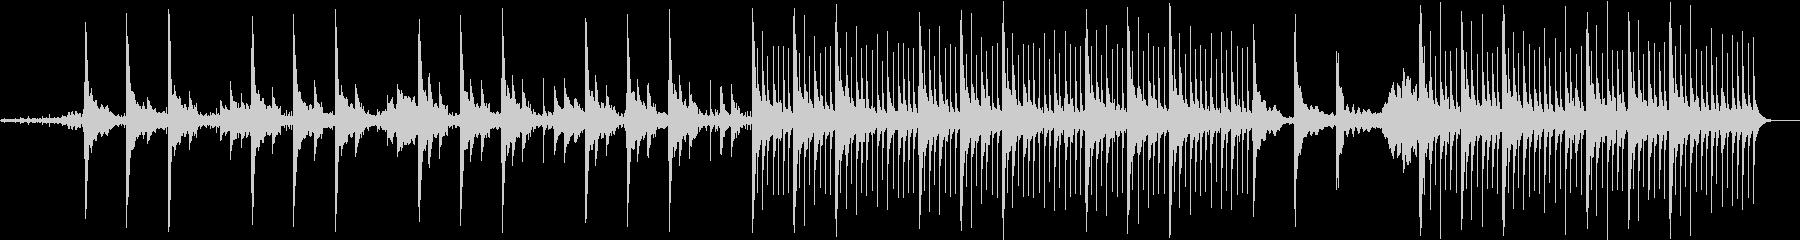 フィルムのノイズにキレイなオルゴールの未再生の波形